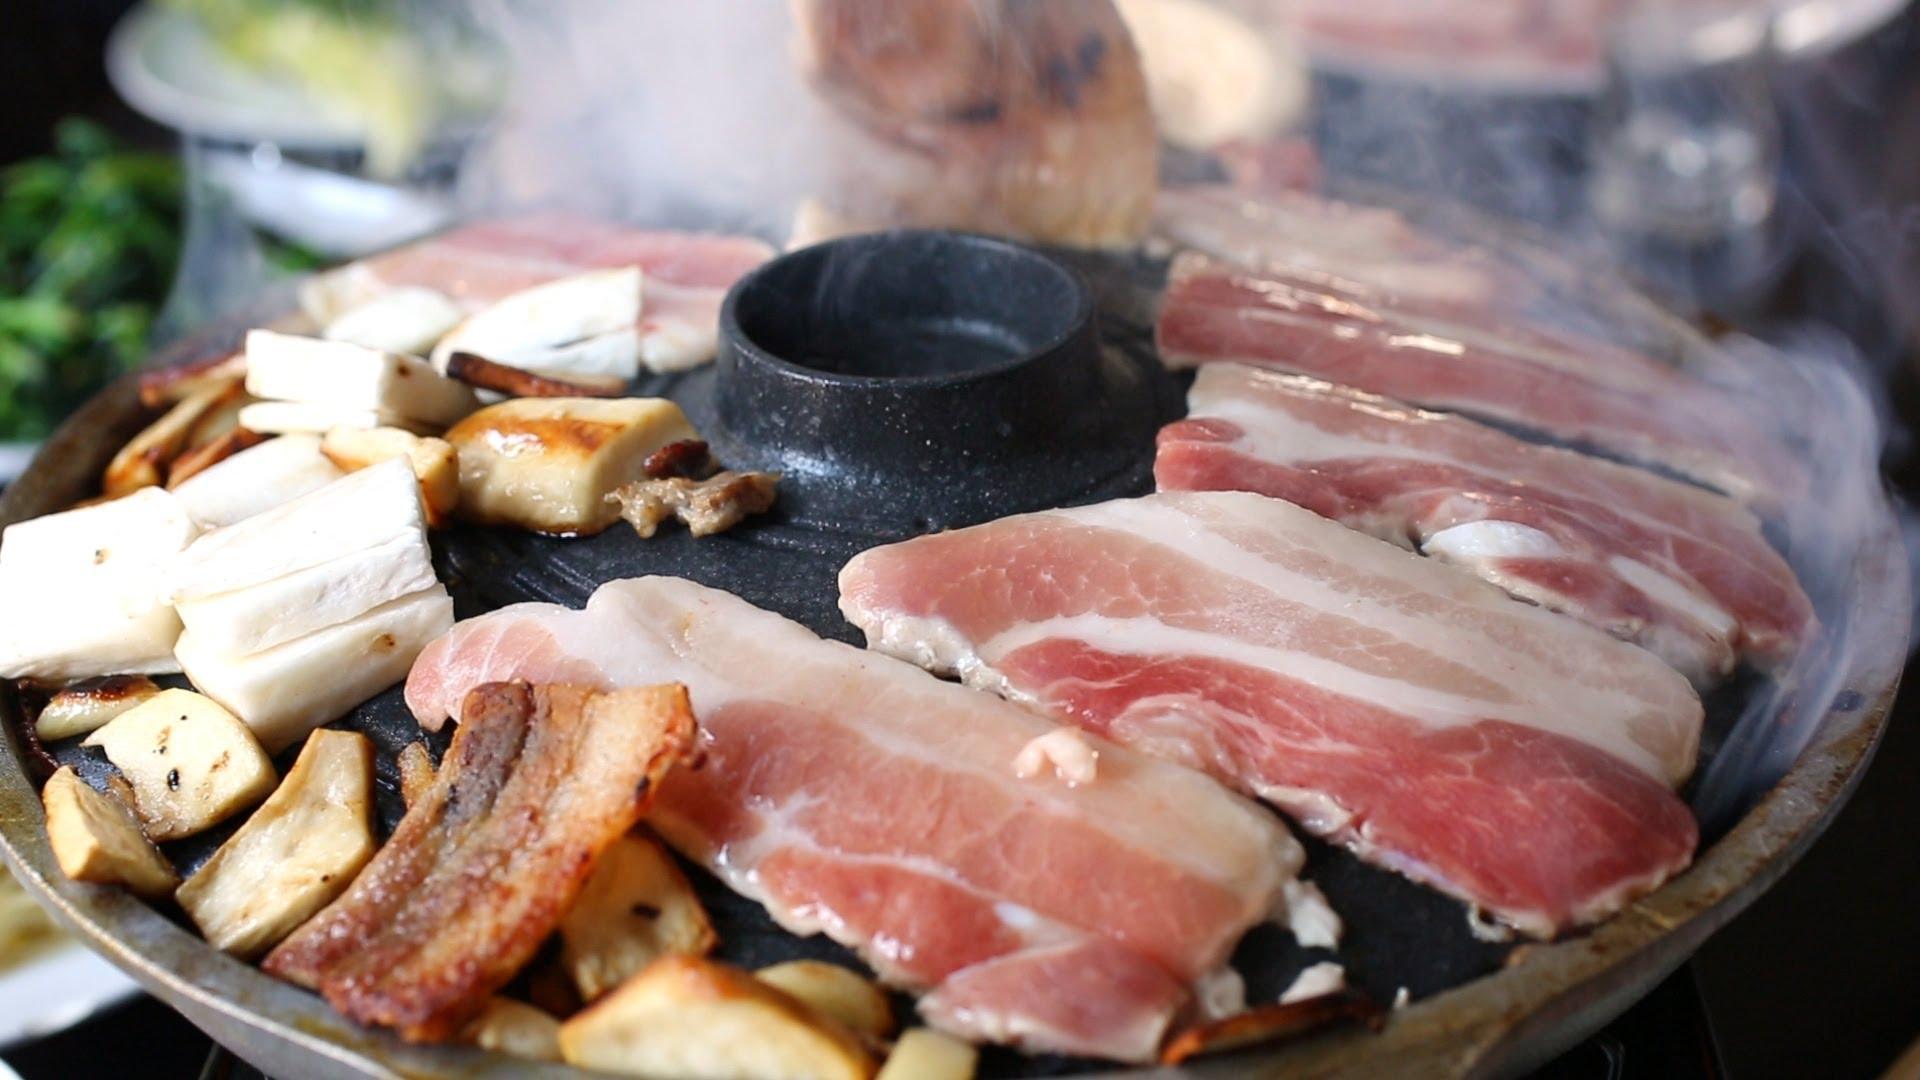 Không phải kim chi hay mì tôm, đây mới là món ăn xuất hiện trong hầu hết các bộ phim Hàn - Ảnh 2.